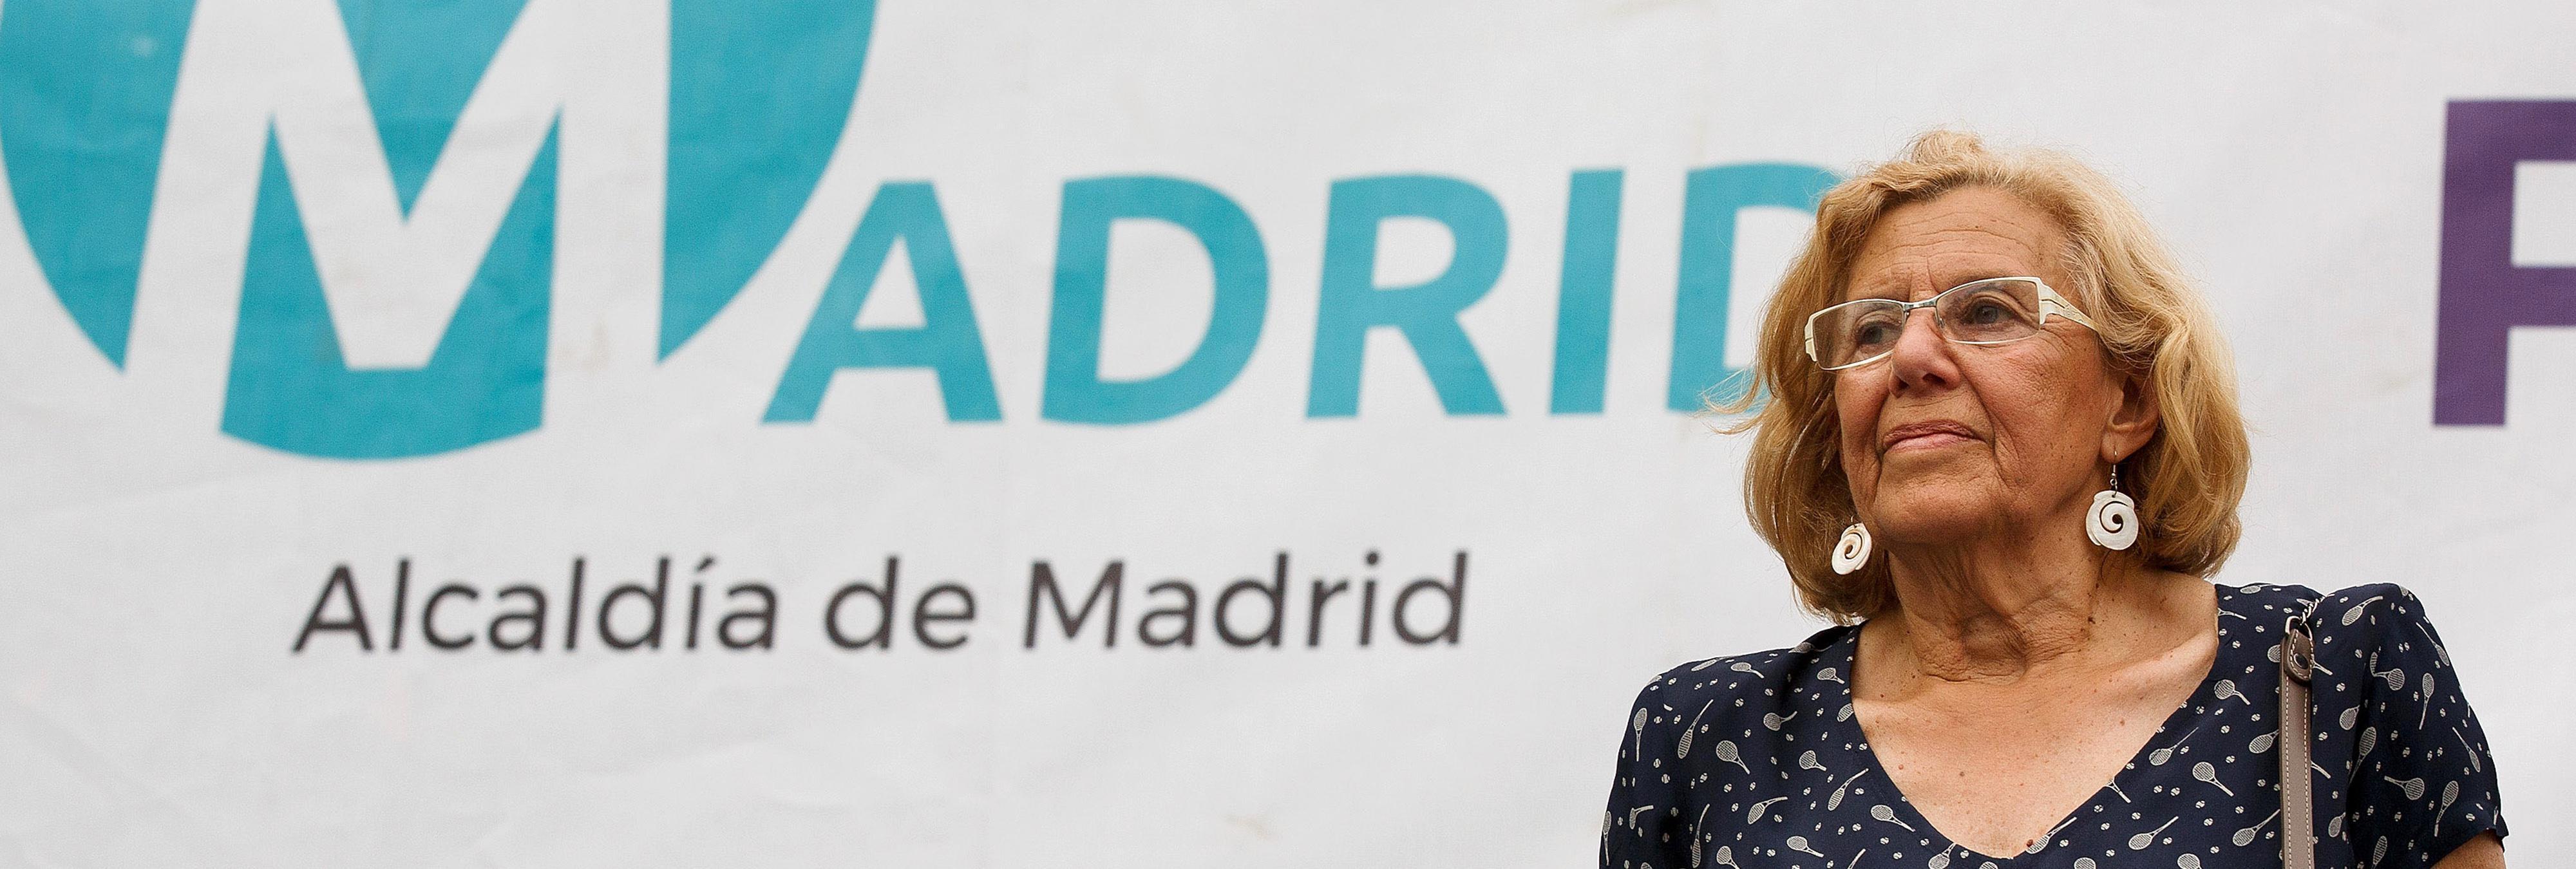 Carmena reduce en 1.000 millones la deuda de Madrid en su primer año